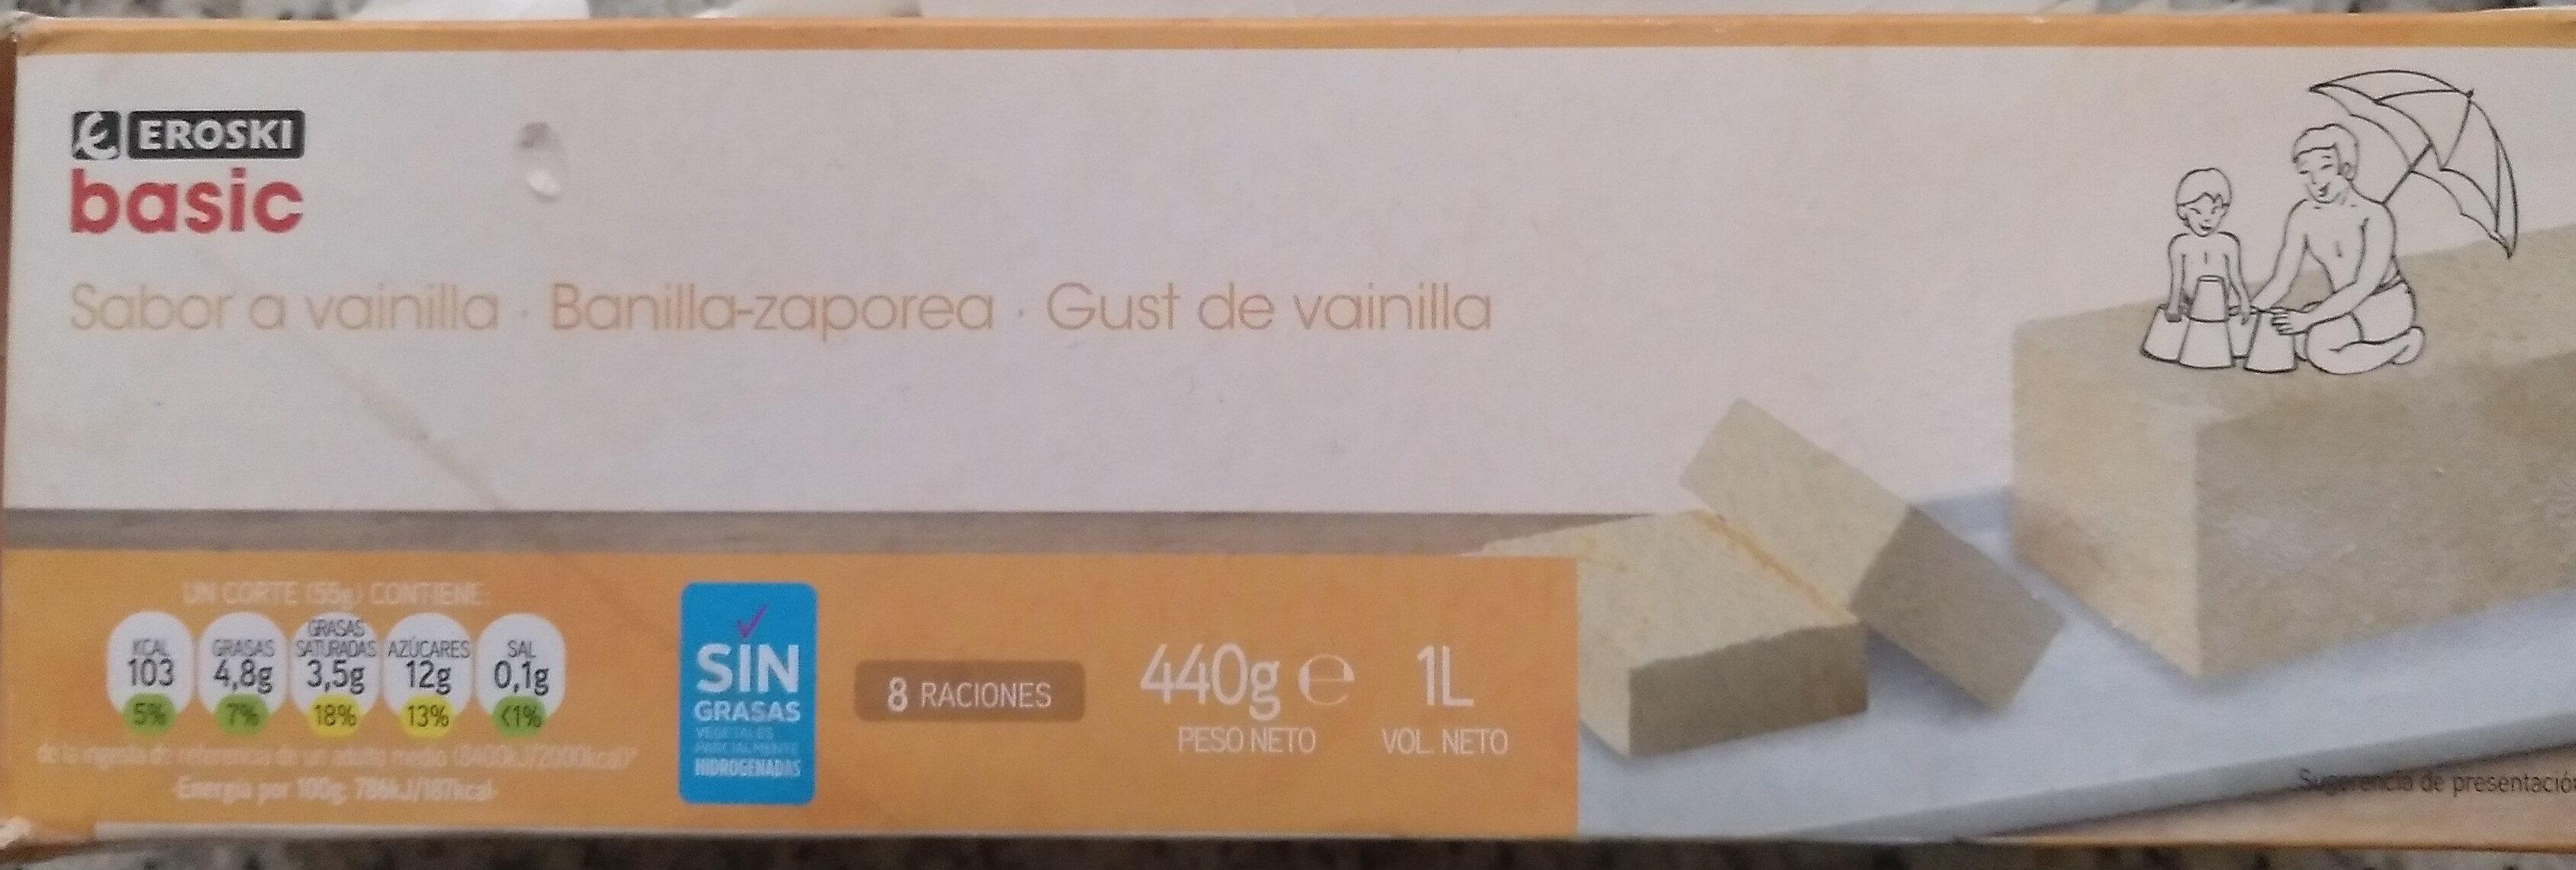 Helado sabor vainilla - Producto